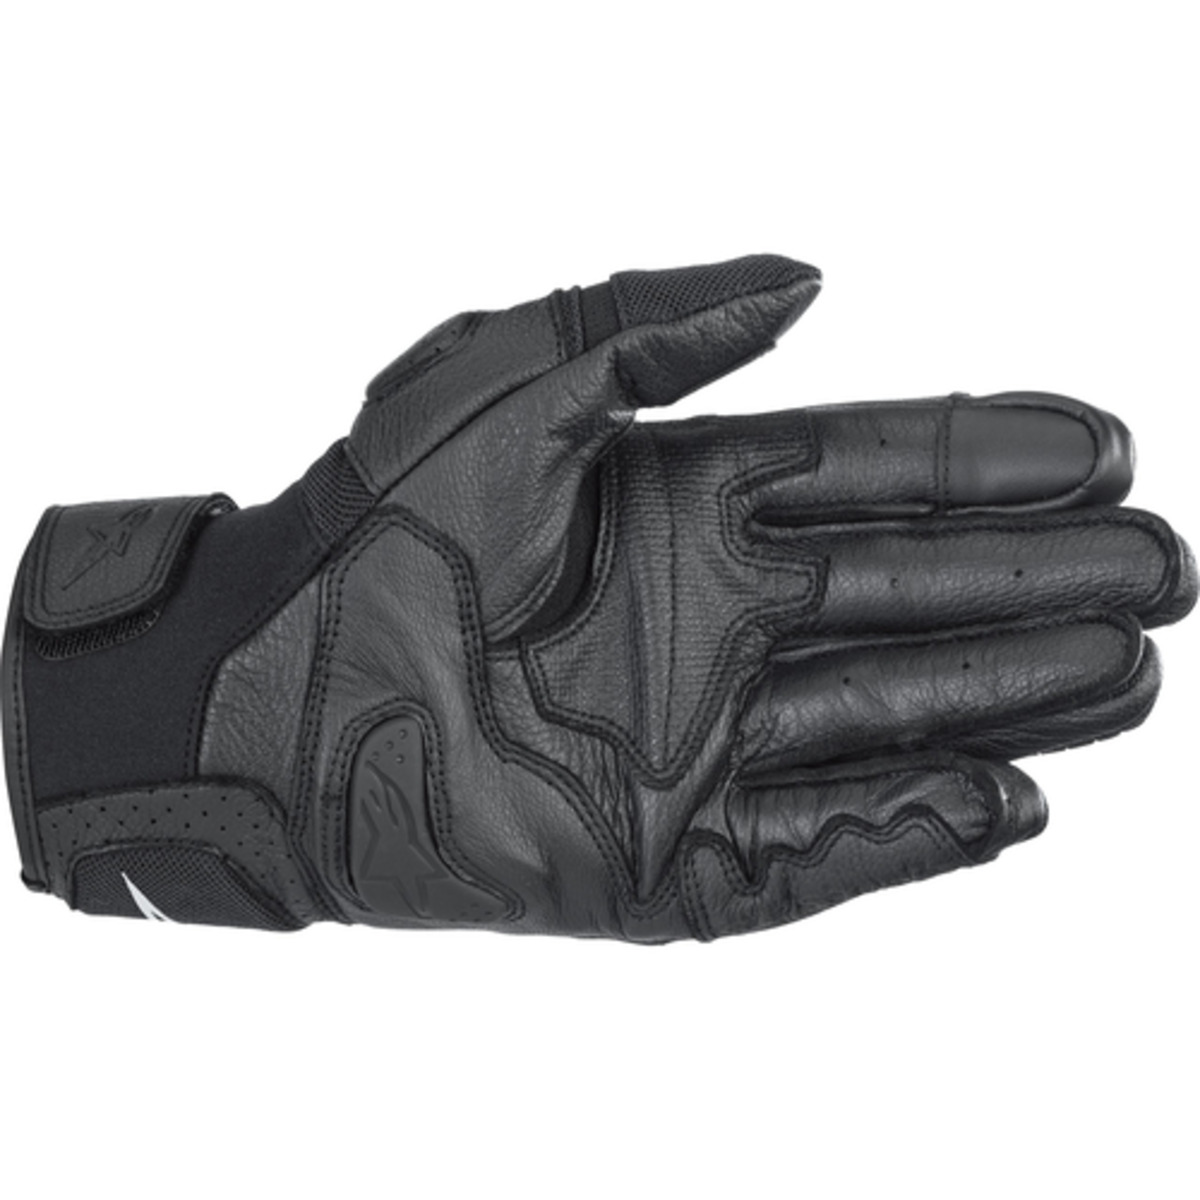 Bild 2 von Stella SP X Air Carbon V2 Damen Handschuh